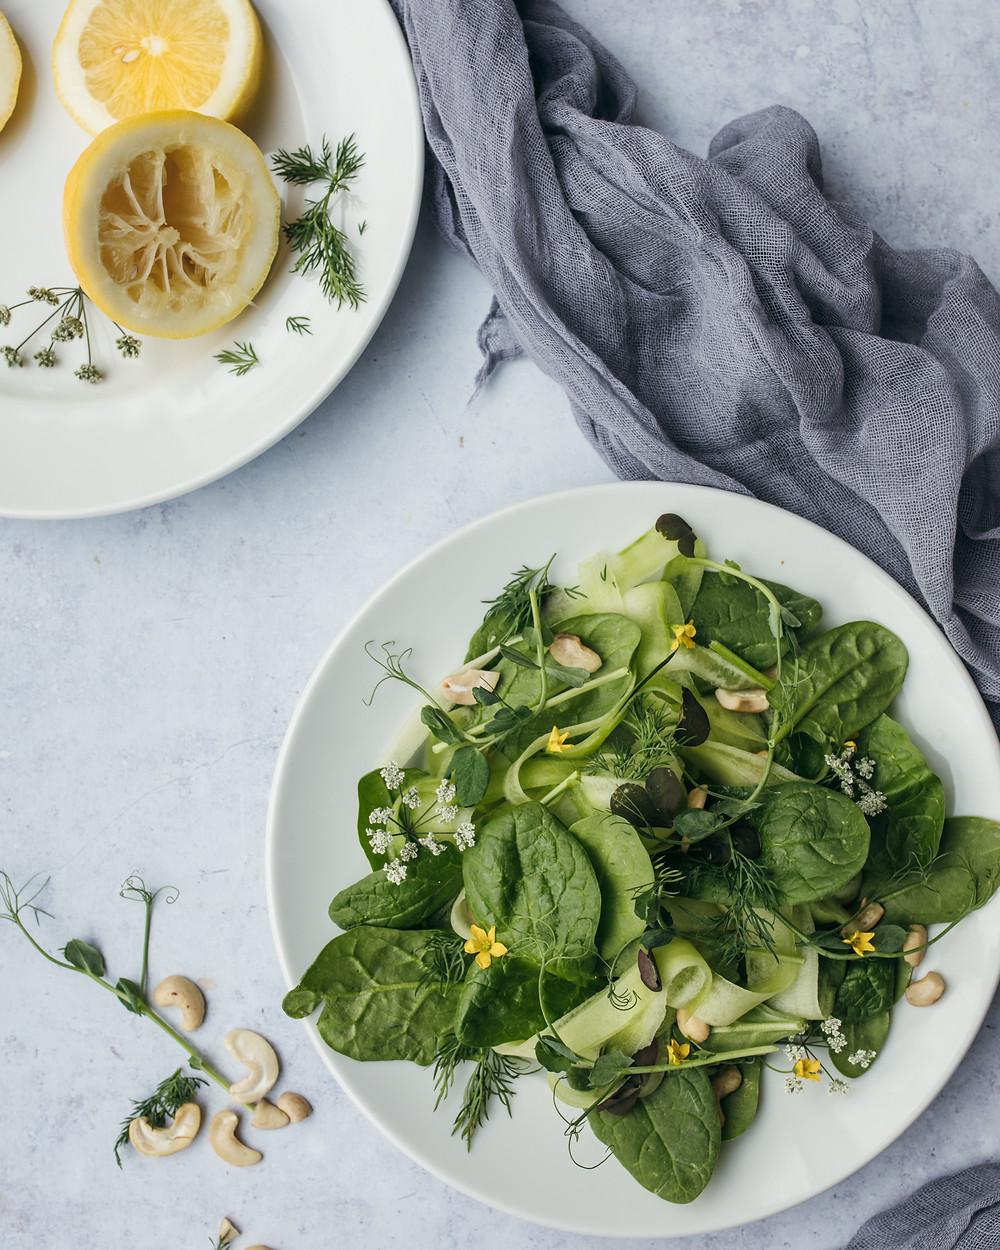 spinach salad greens leafy vegetables lemon